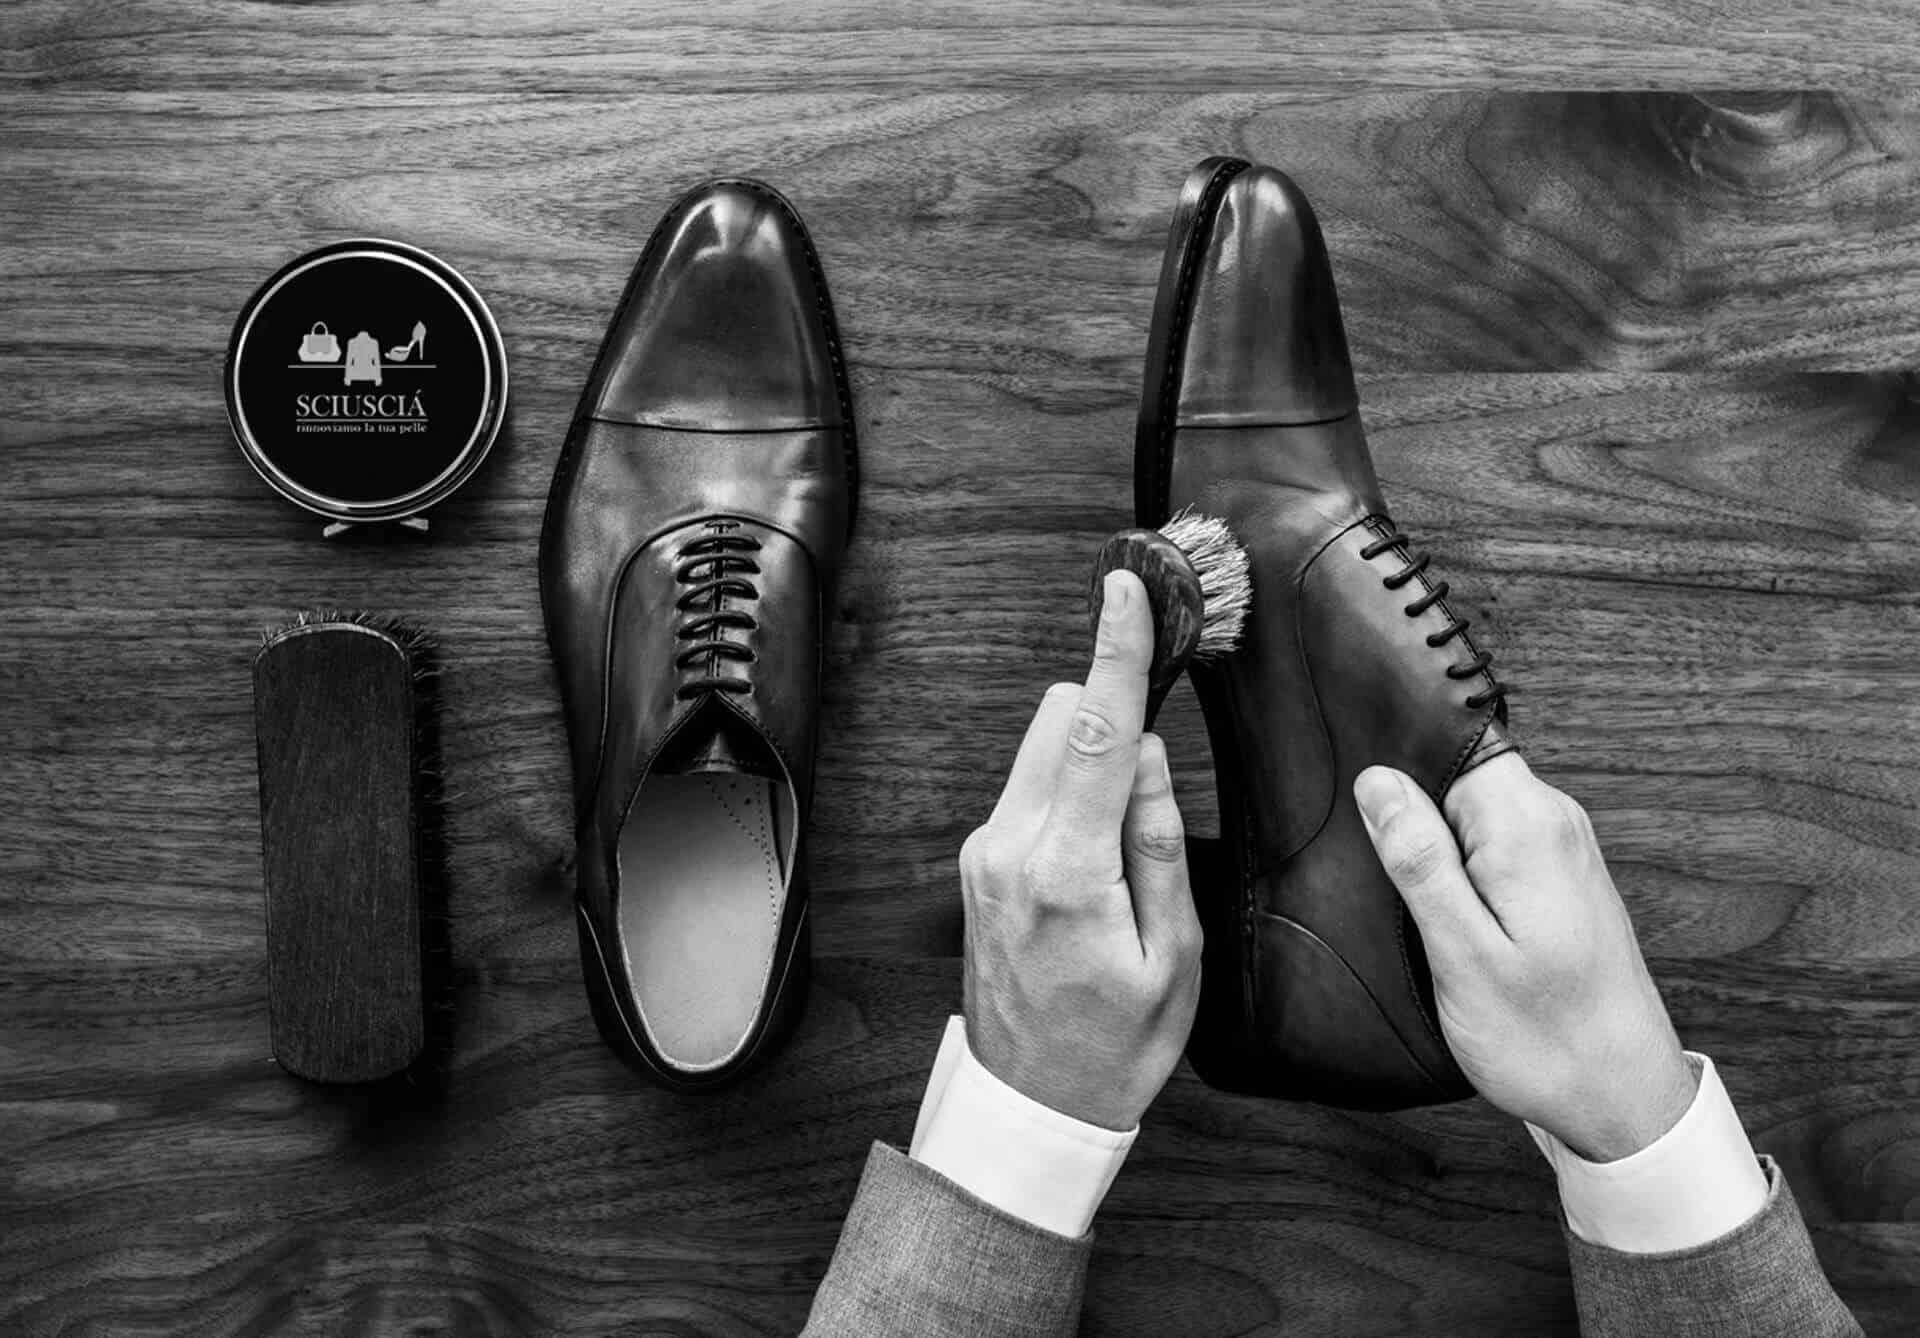 Sciuscia Padova Calzolaio, pulizia e riparazione scarpe